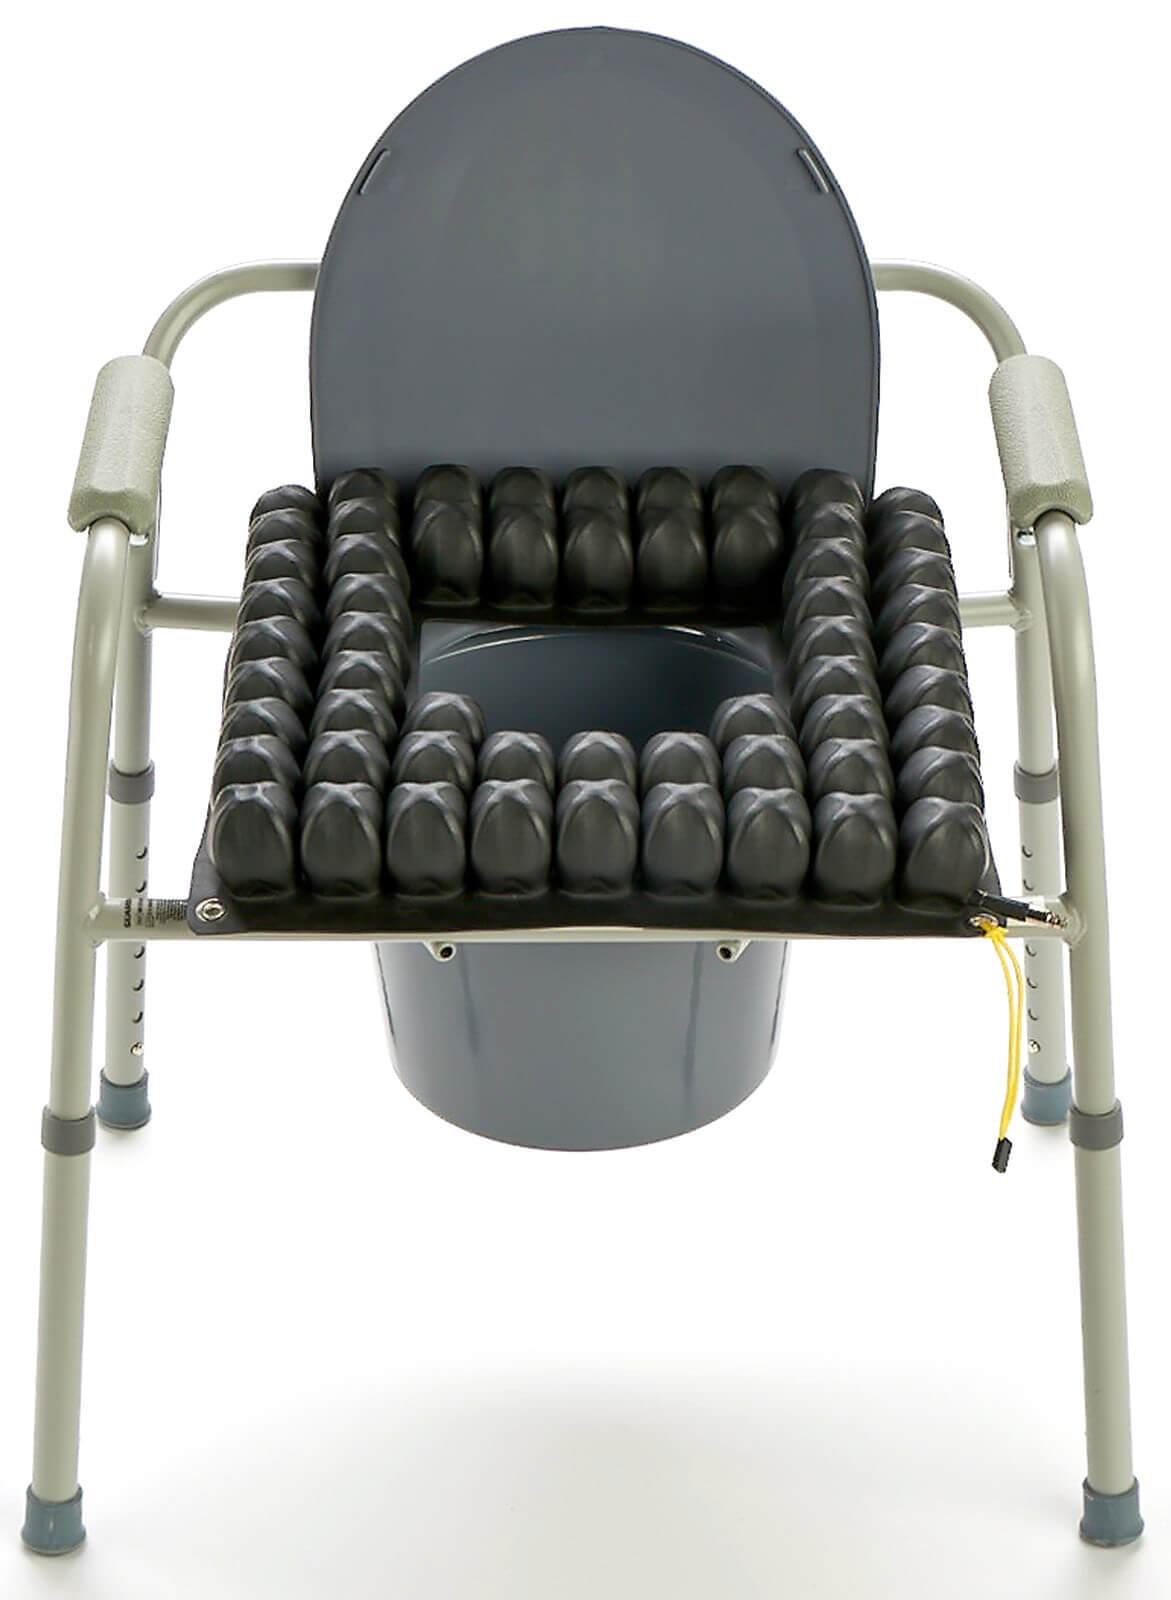 Shower commode almofada para assentos sanitarios